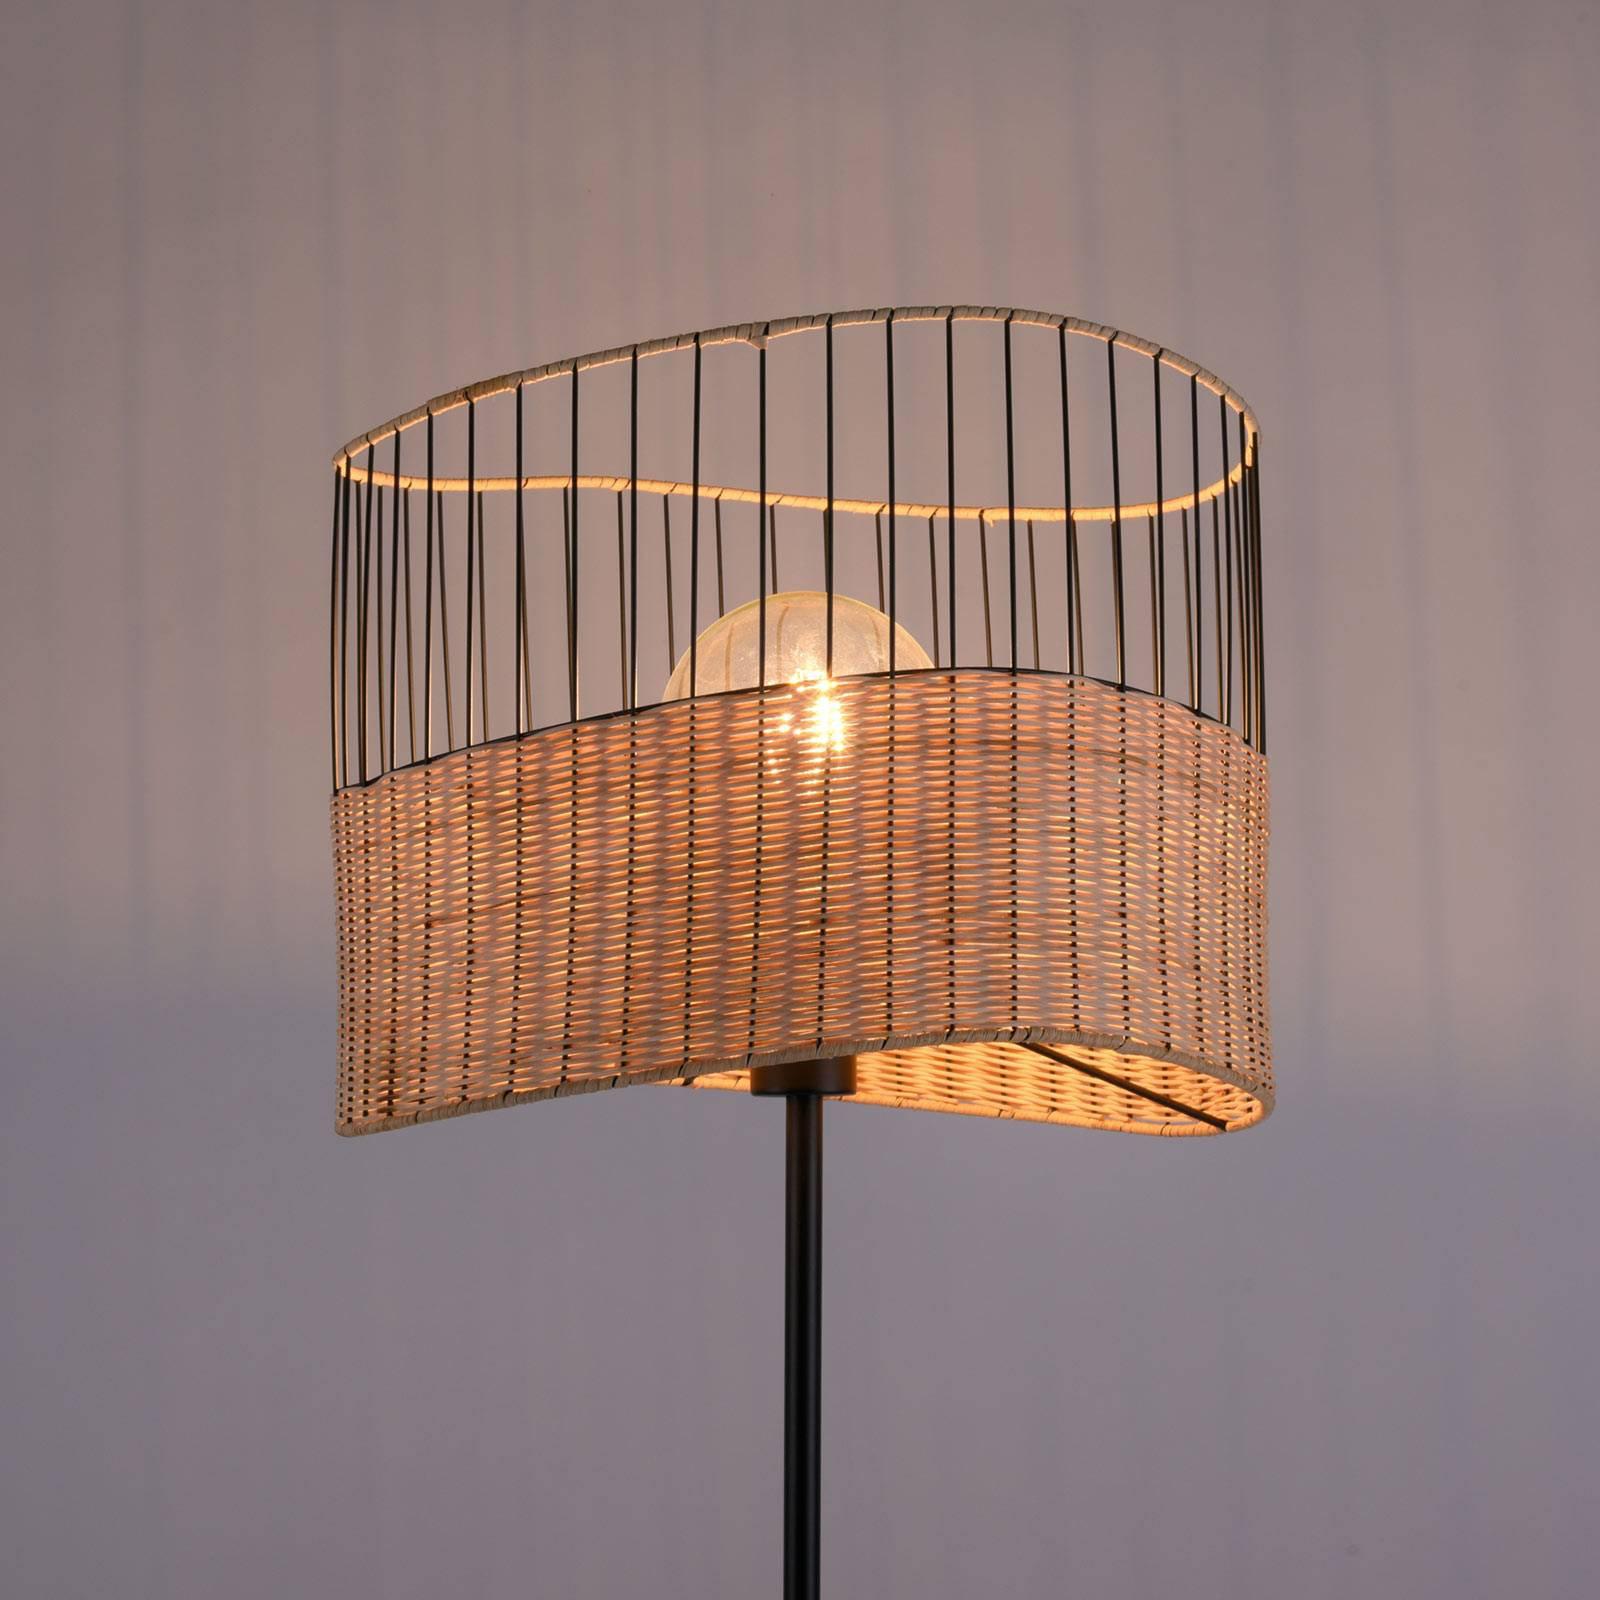 Reed bordlampe av tre og metall